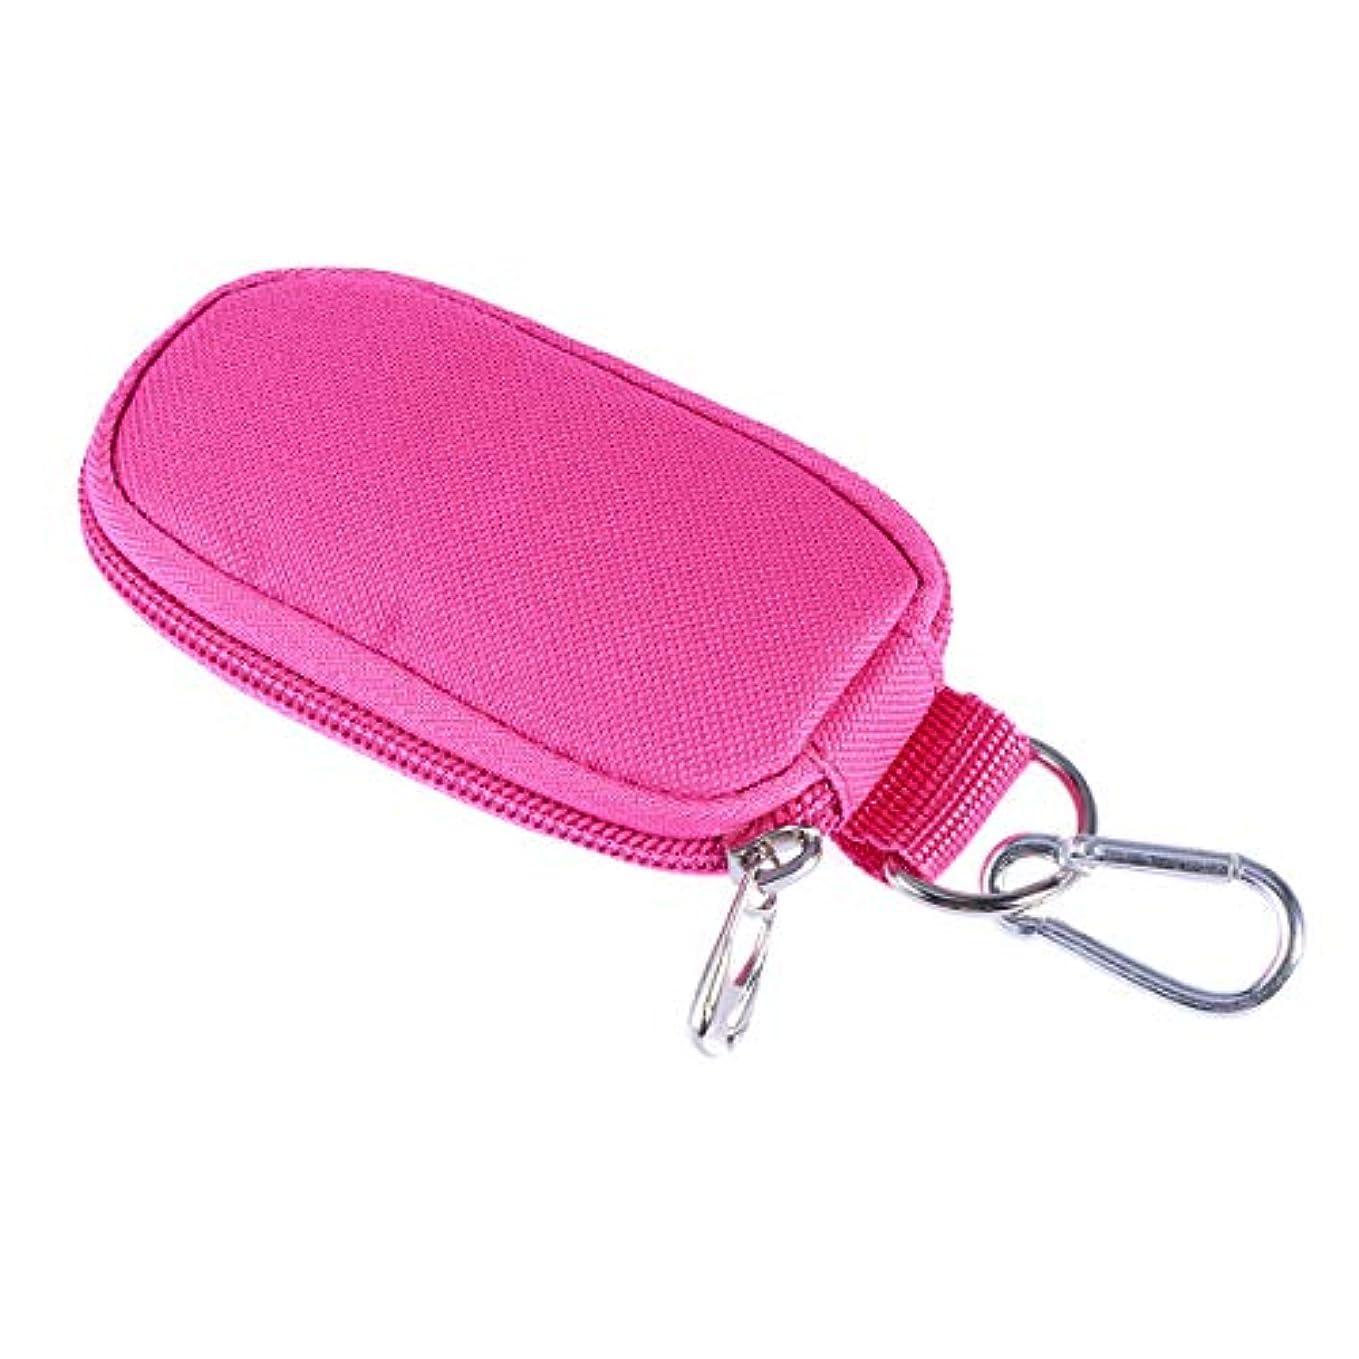 アグネスグレイ小人涙が出るHealifty エッセンシャルオイルケースポータブルハンドルバッグは旅行のための2mlを握ります(ローズレッド)